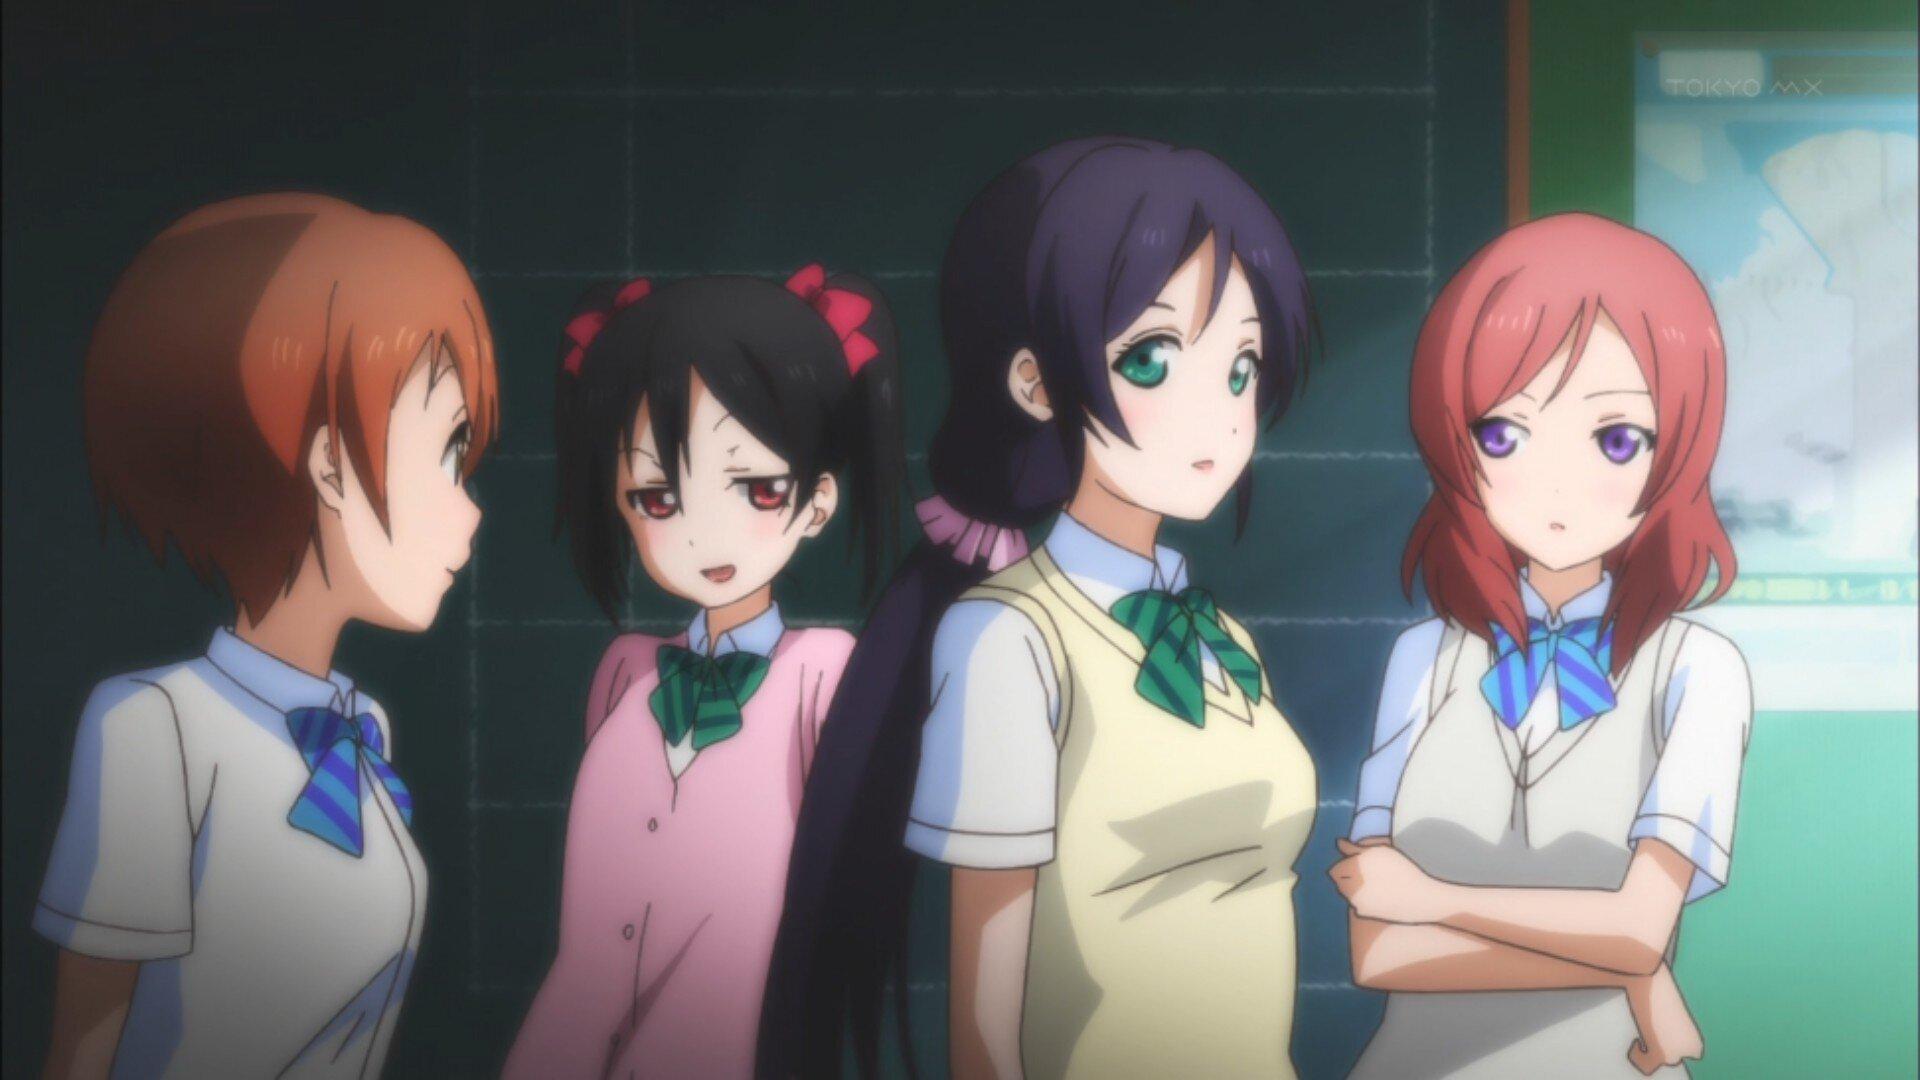 お前が言うなw #lovelive_Anime #lovelive http://t.co/dAG6EYdmMp